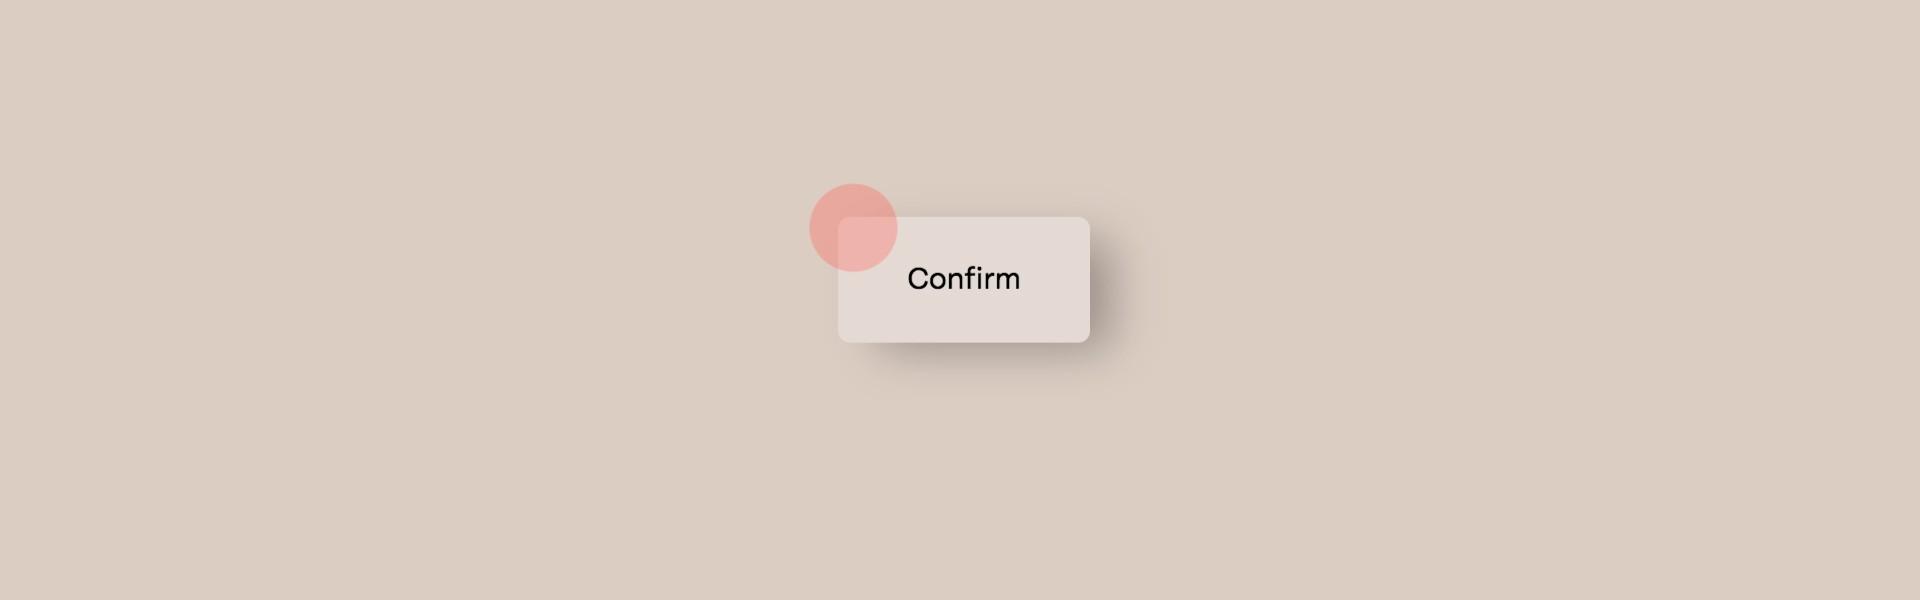 Botones magnéticos, cómo crearlos en HTML